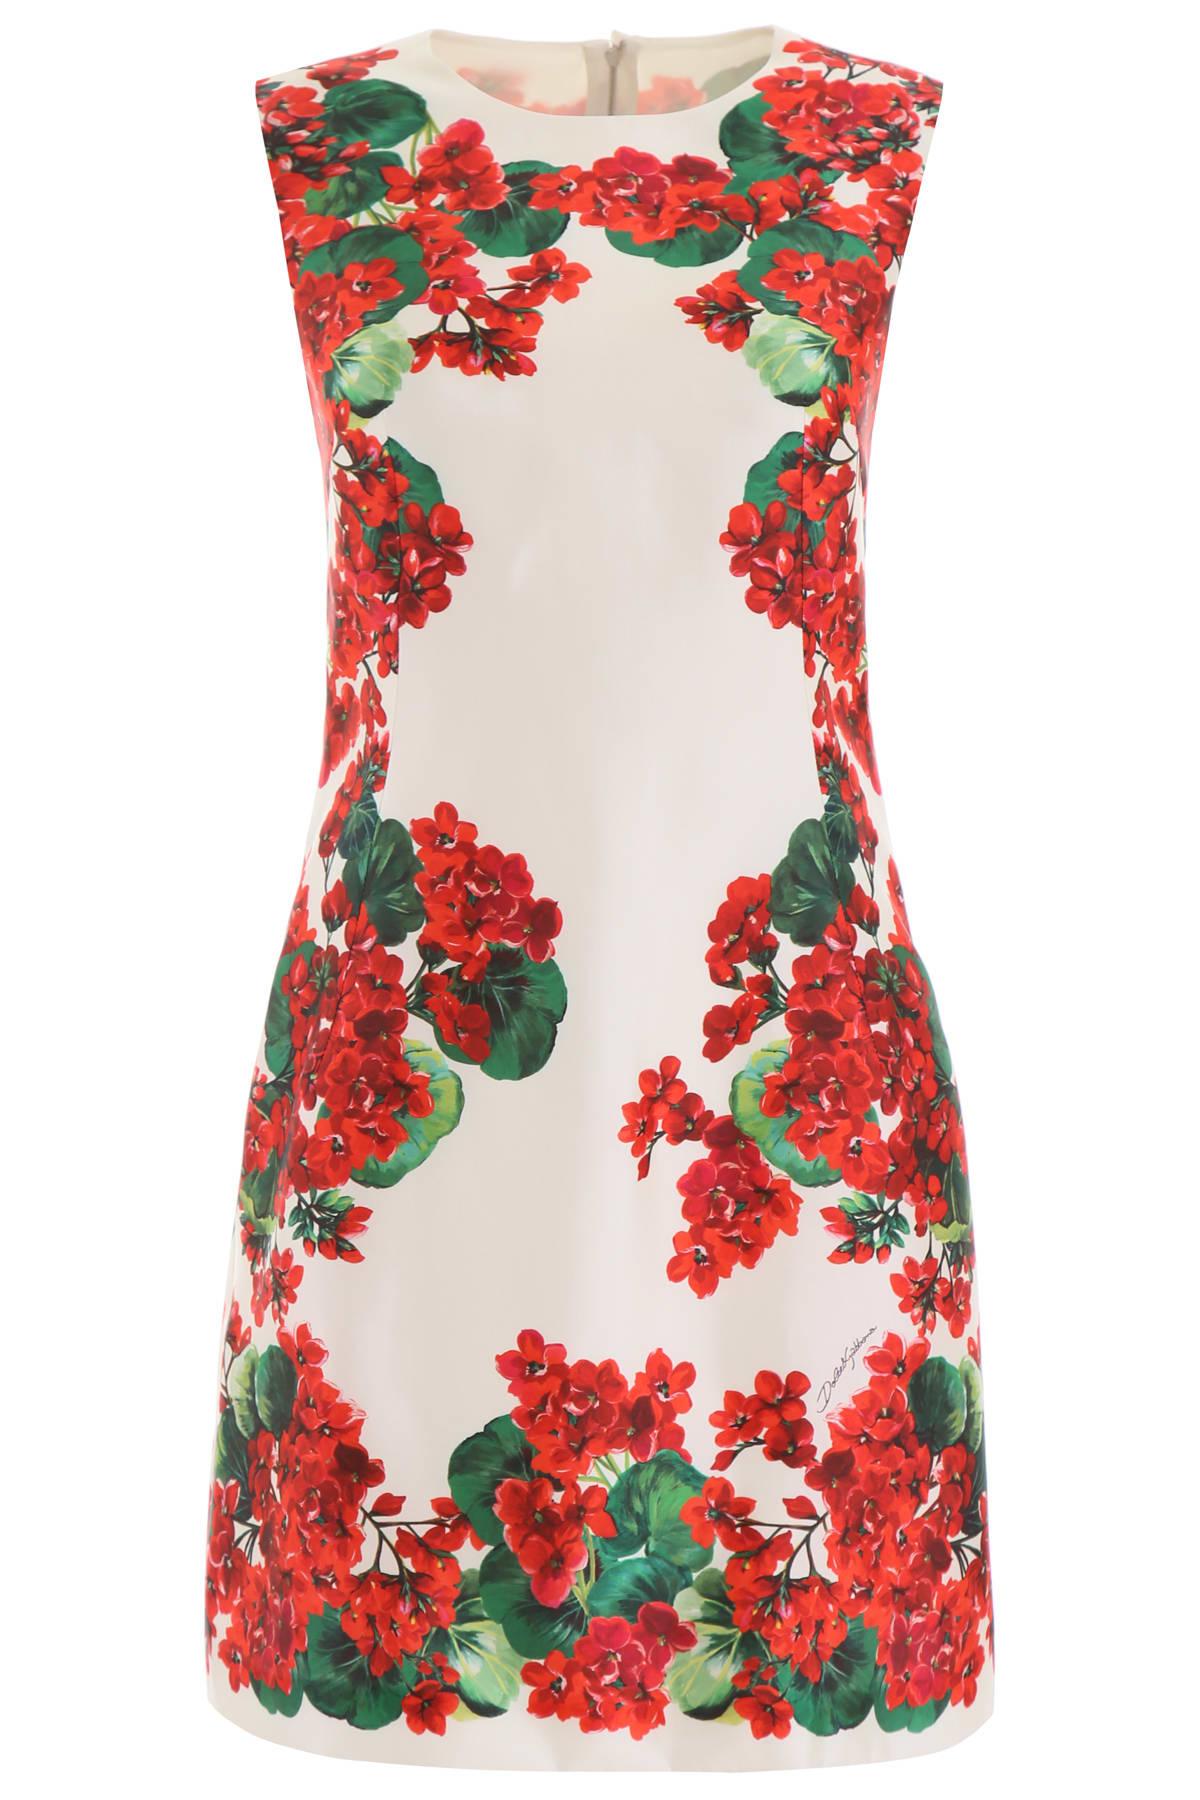 Dolce & Gabbana Portofino Dress